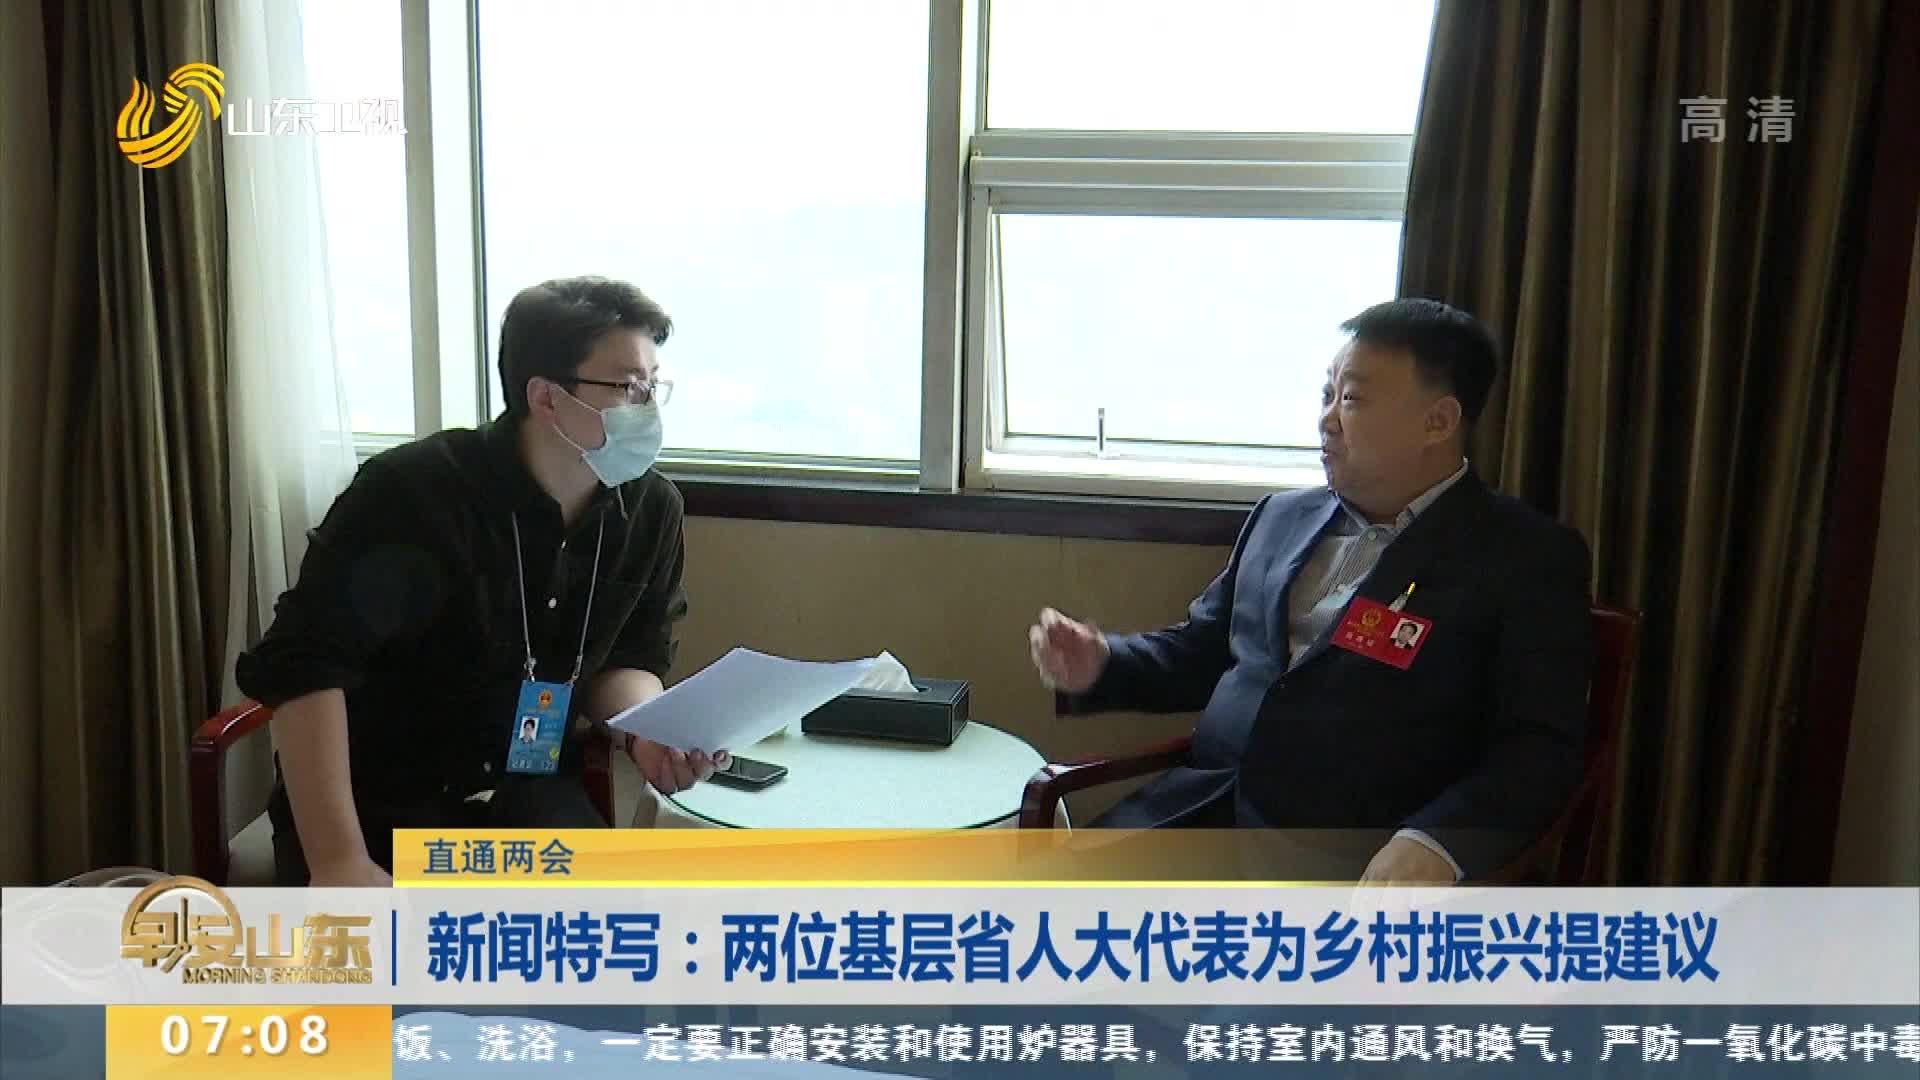 新闻特写:两位基层省人大代表为乡村振兴提建议